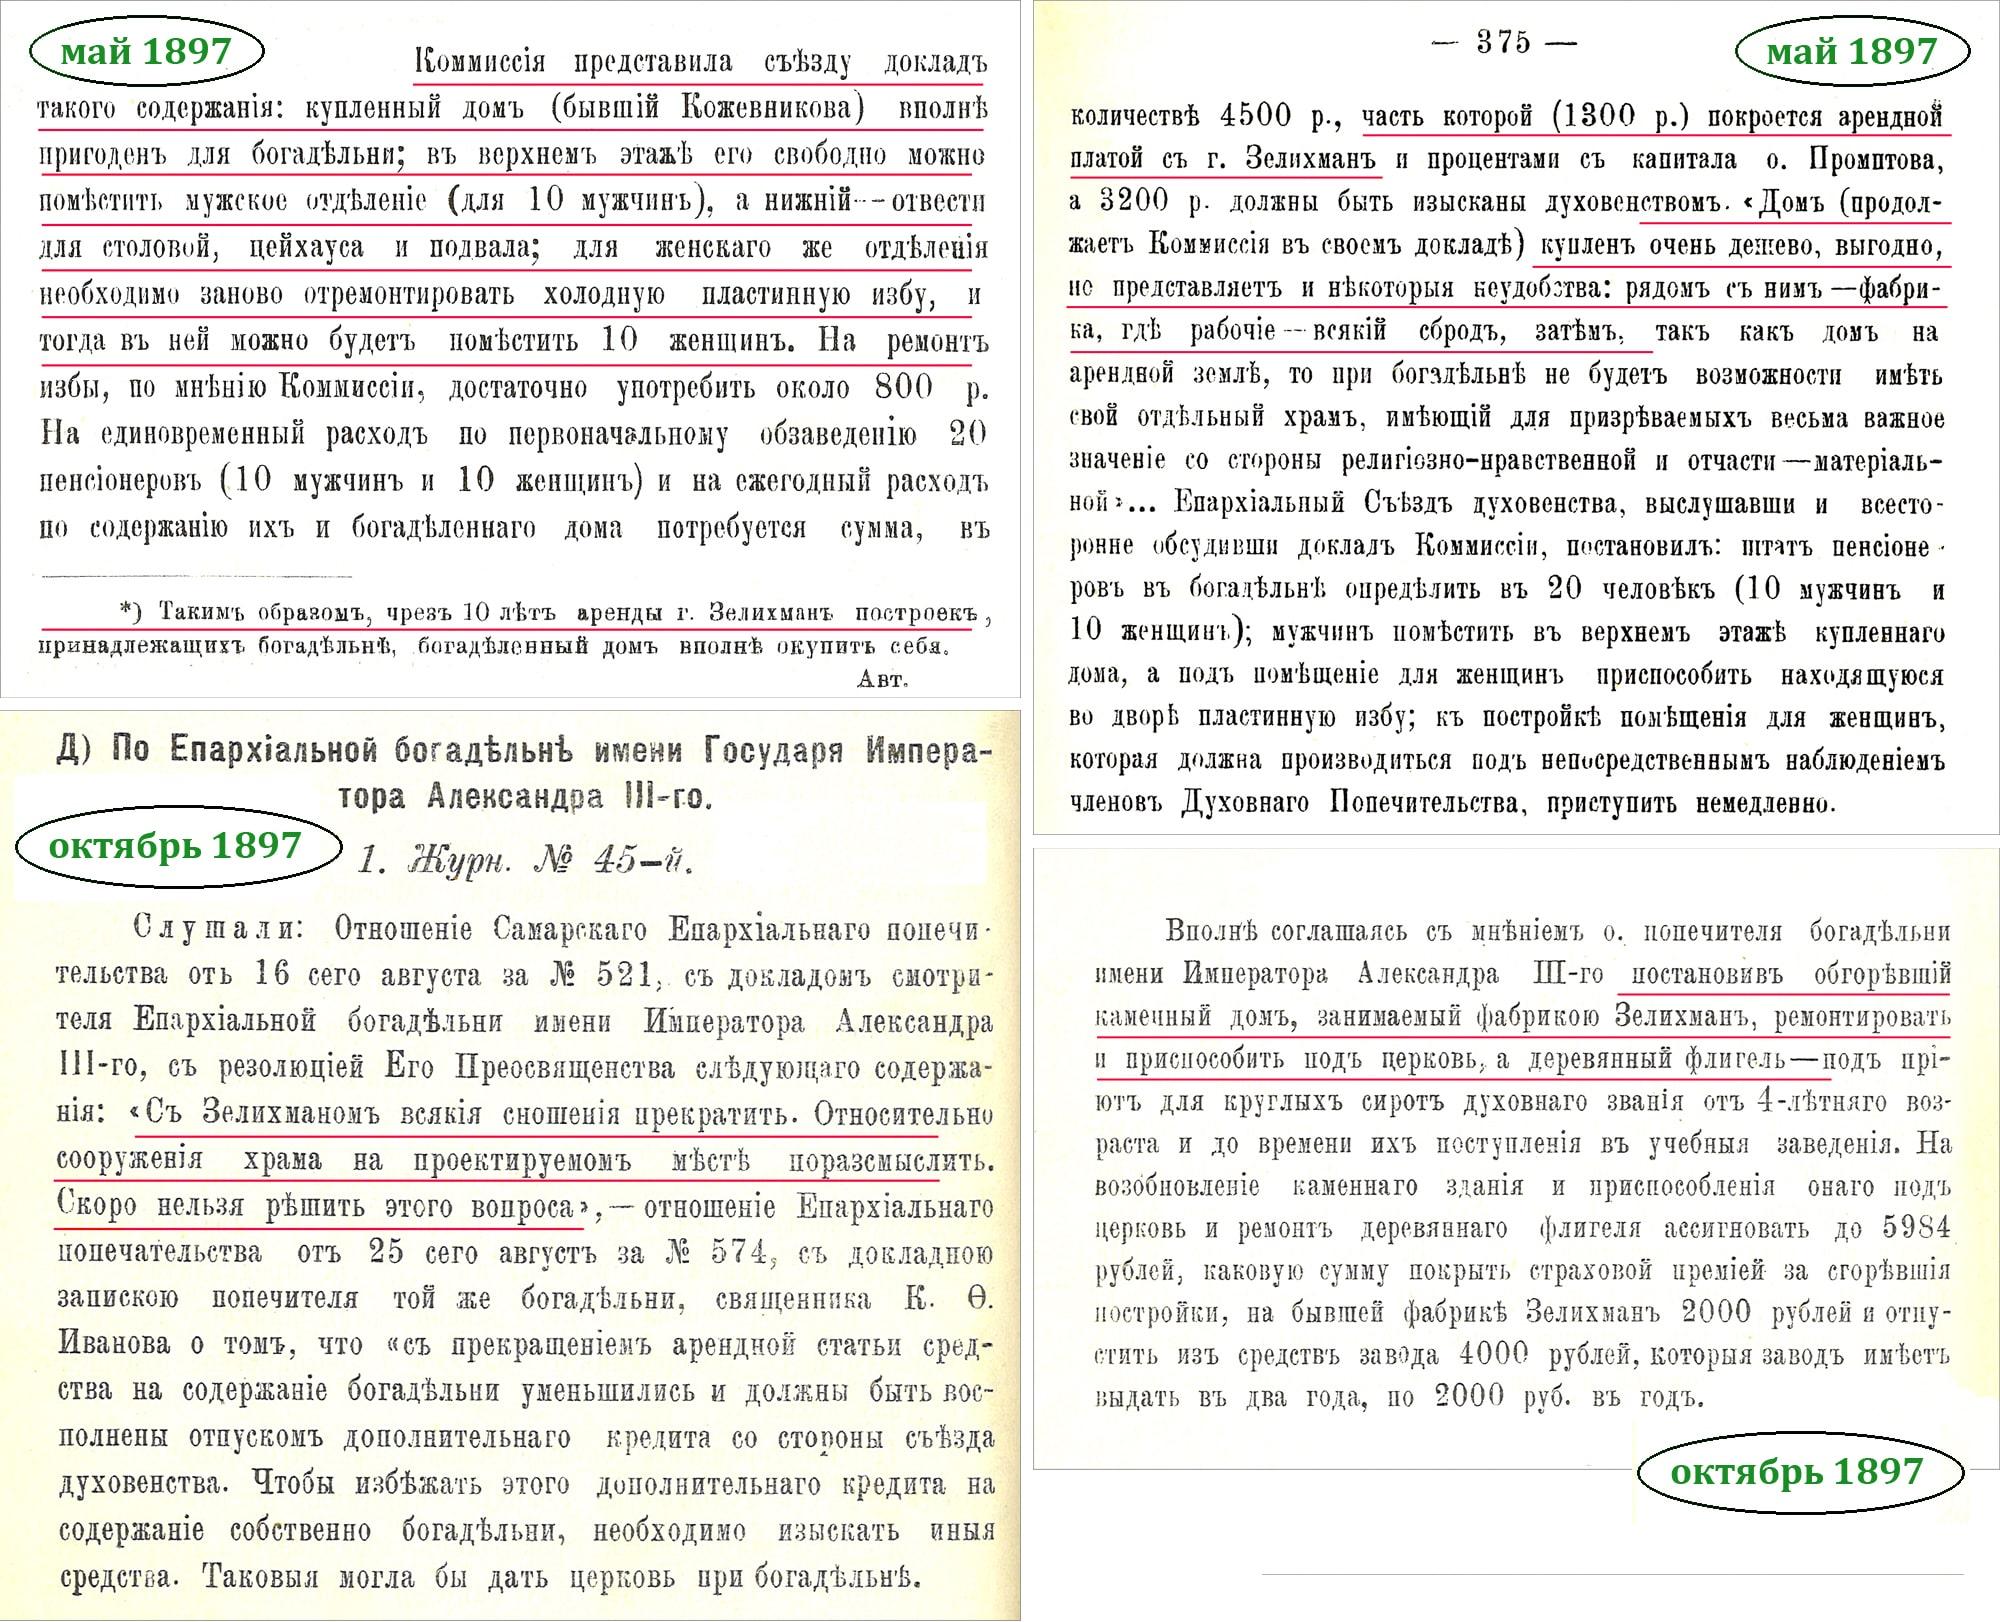 Выдержки из «Самарских епархиальных ведомостей»